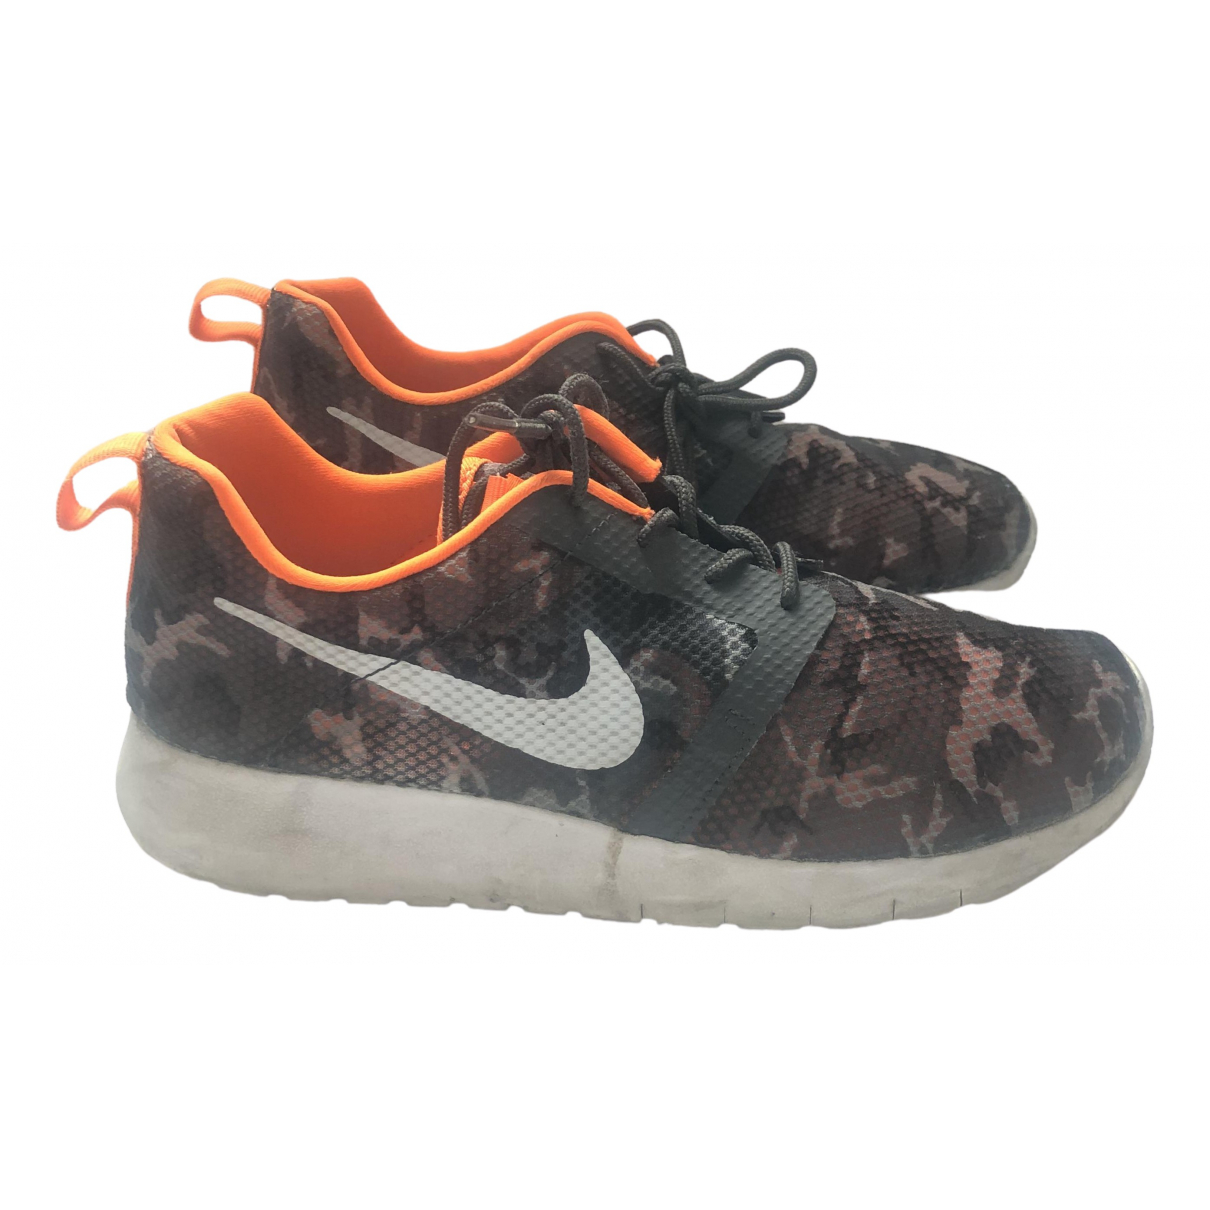 Nike - Baskets Roshe Run pour femme en toile - orange